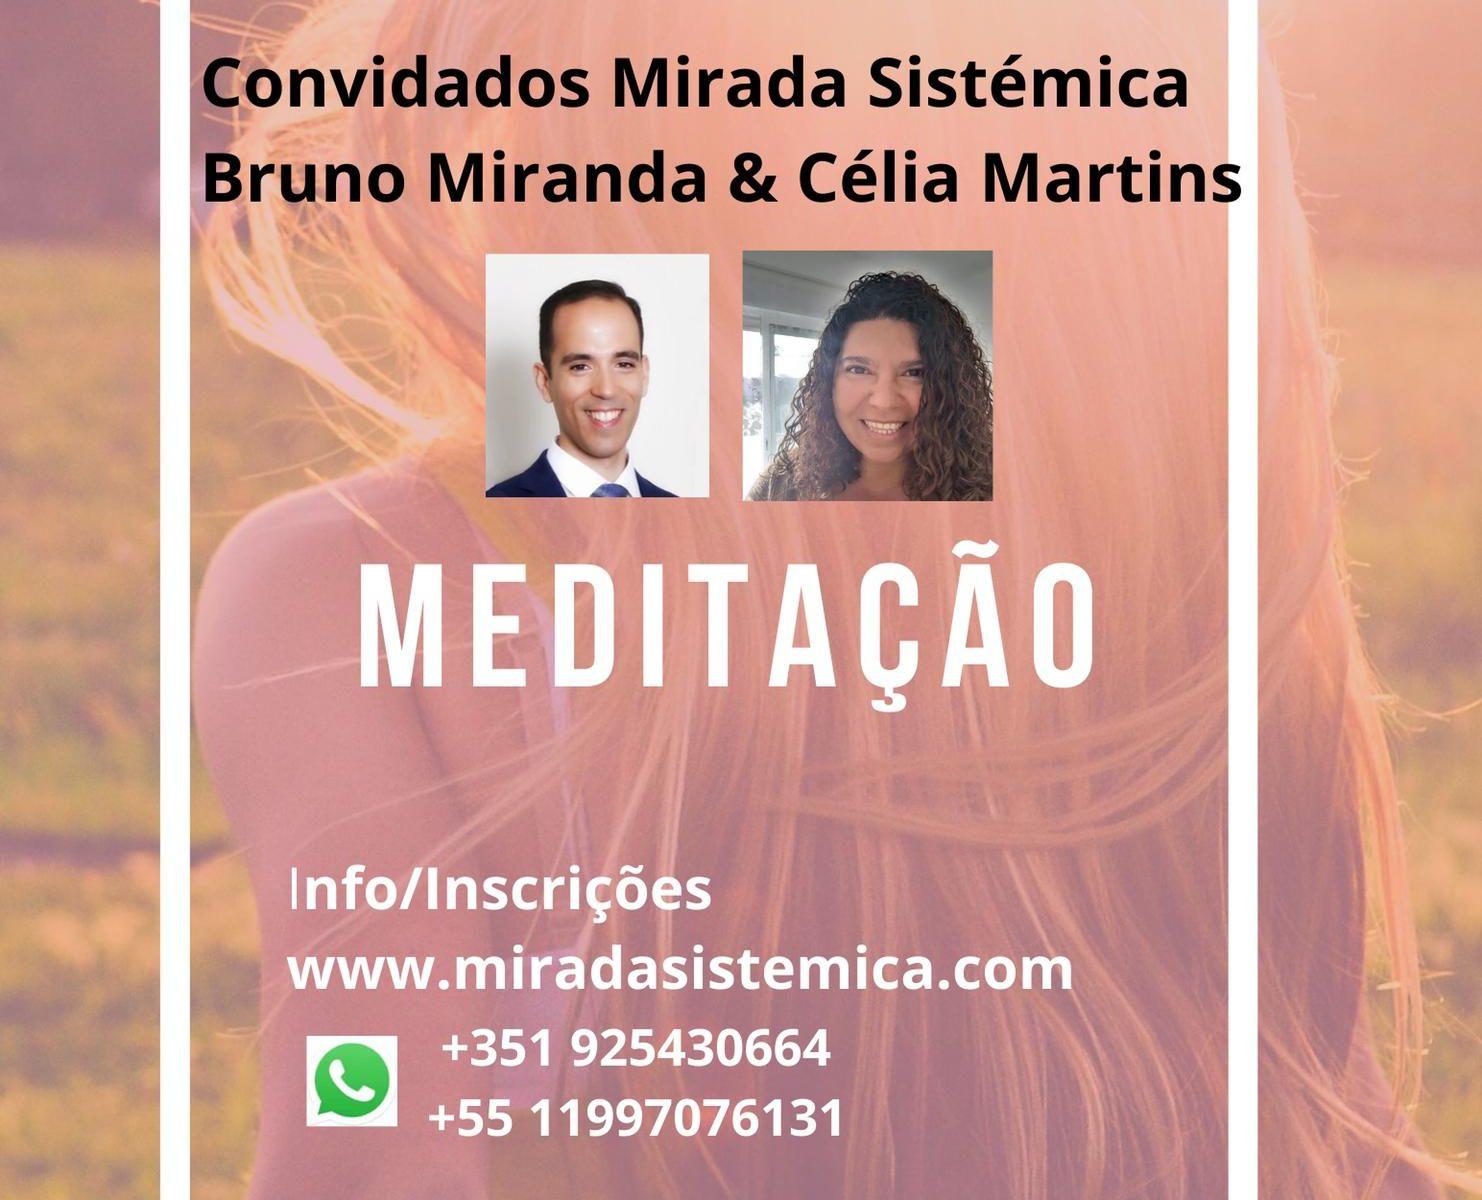 Webinar meditação 23-5